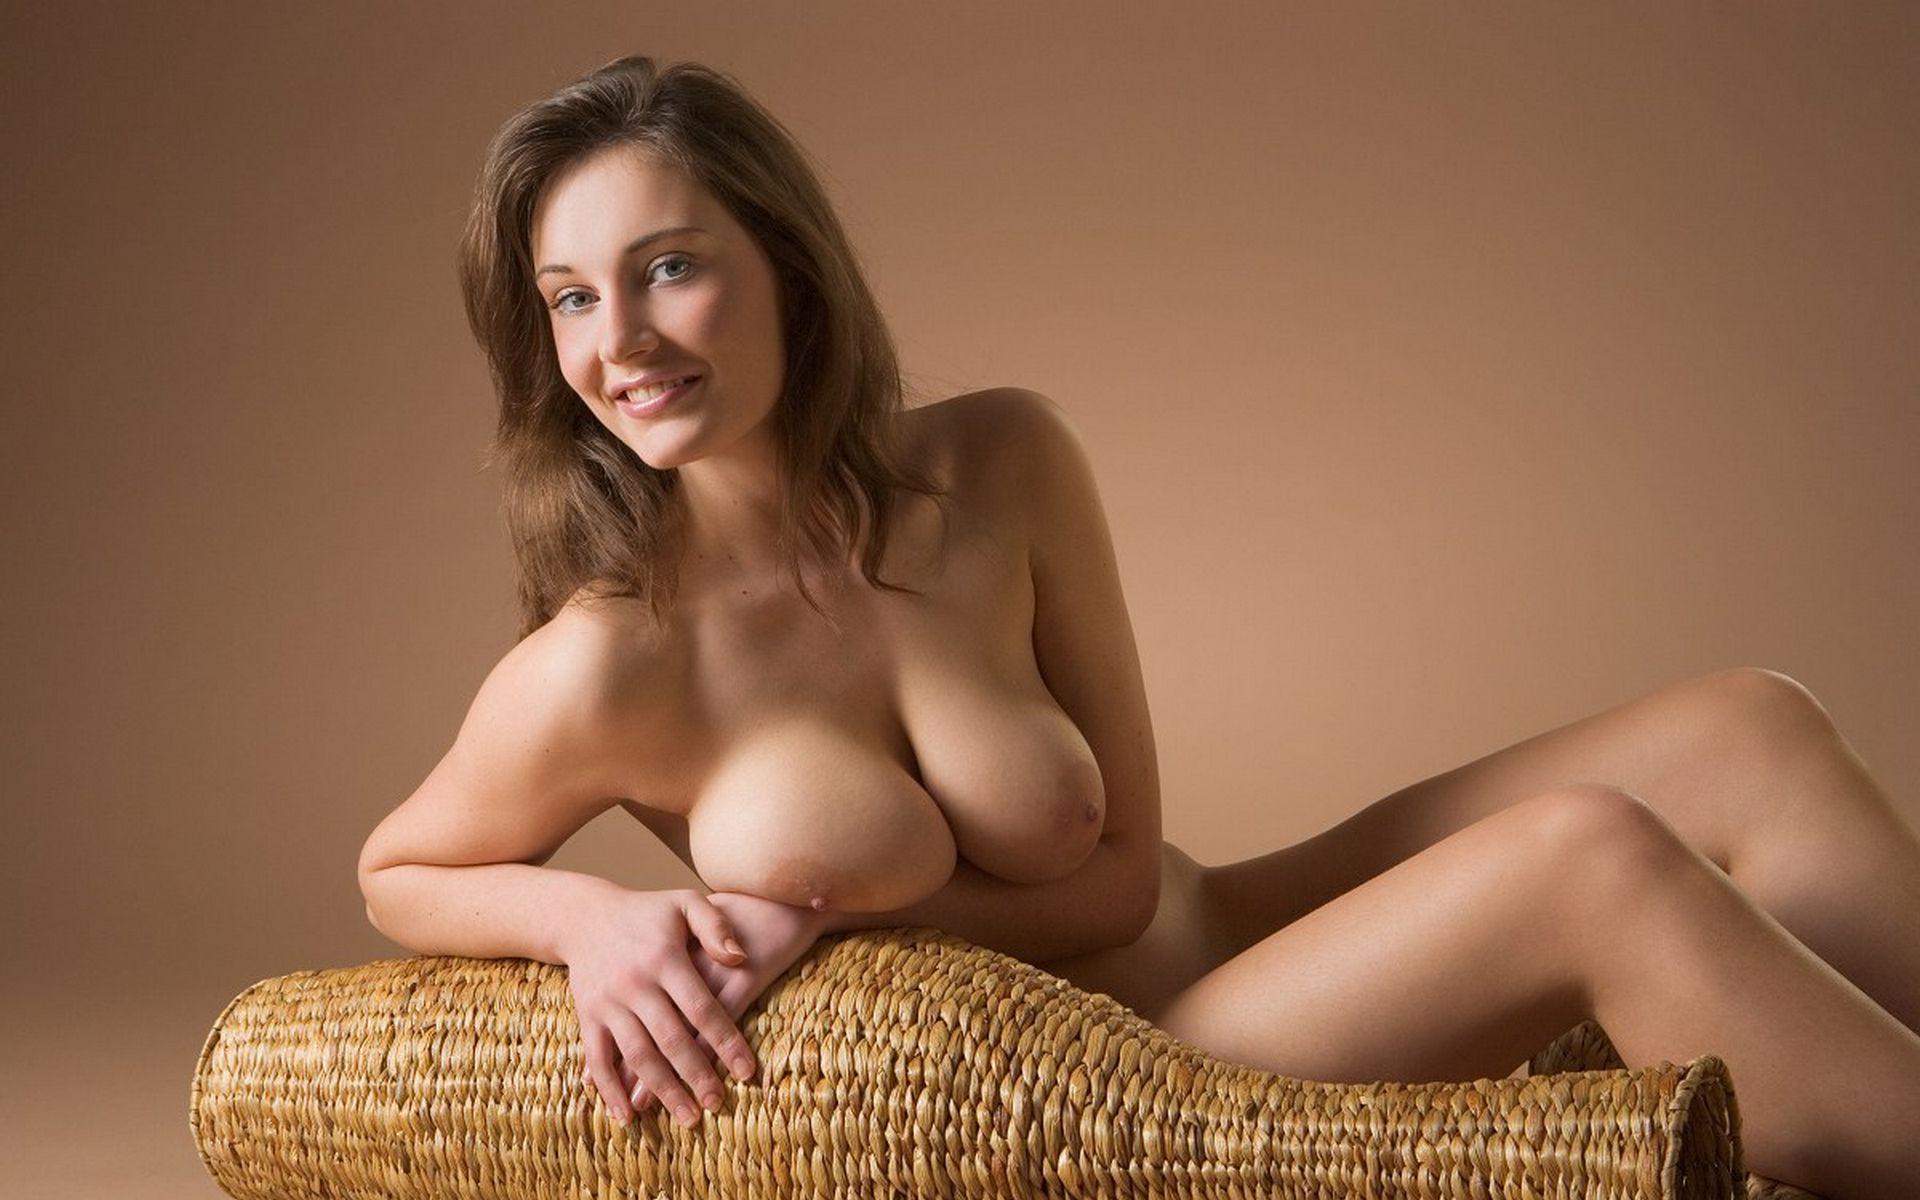 Секс красавица большая грудь 12 фотография